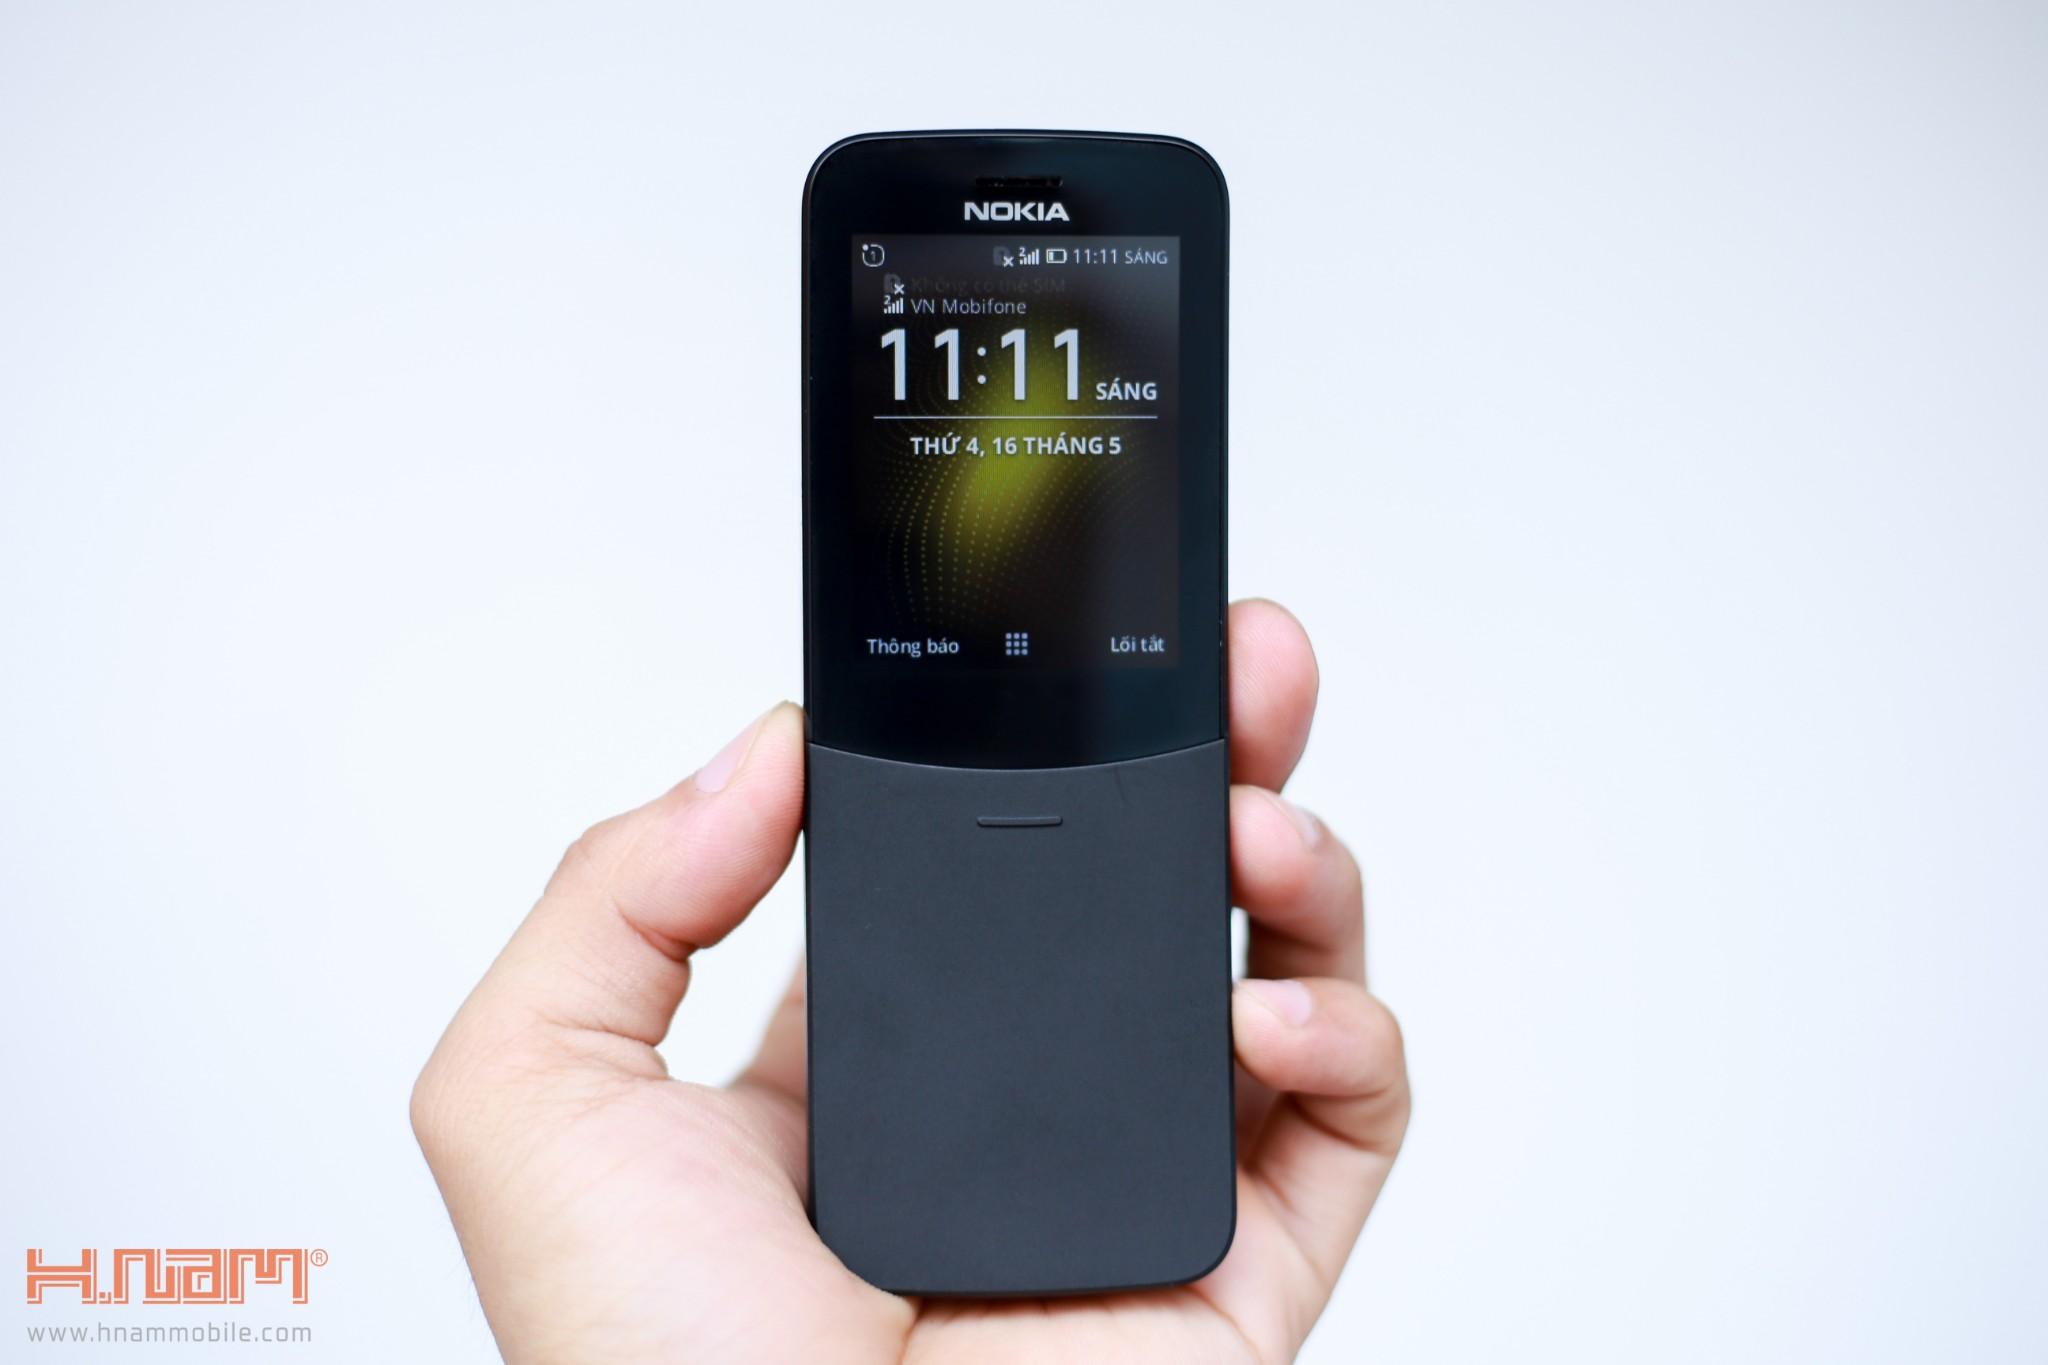 Trên tay Nokia 8110 chuối: Thiết kế siêu cute, phát 4G, giá 1.7 triệu đồng hình 11